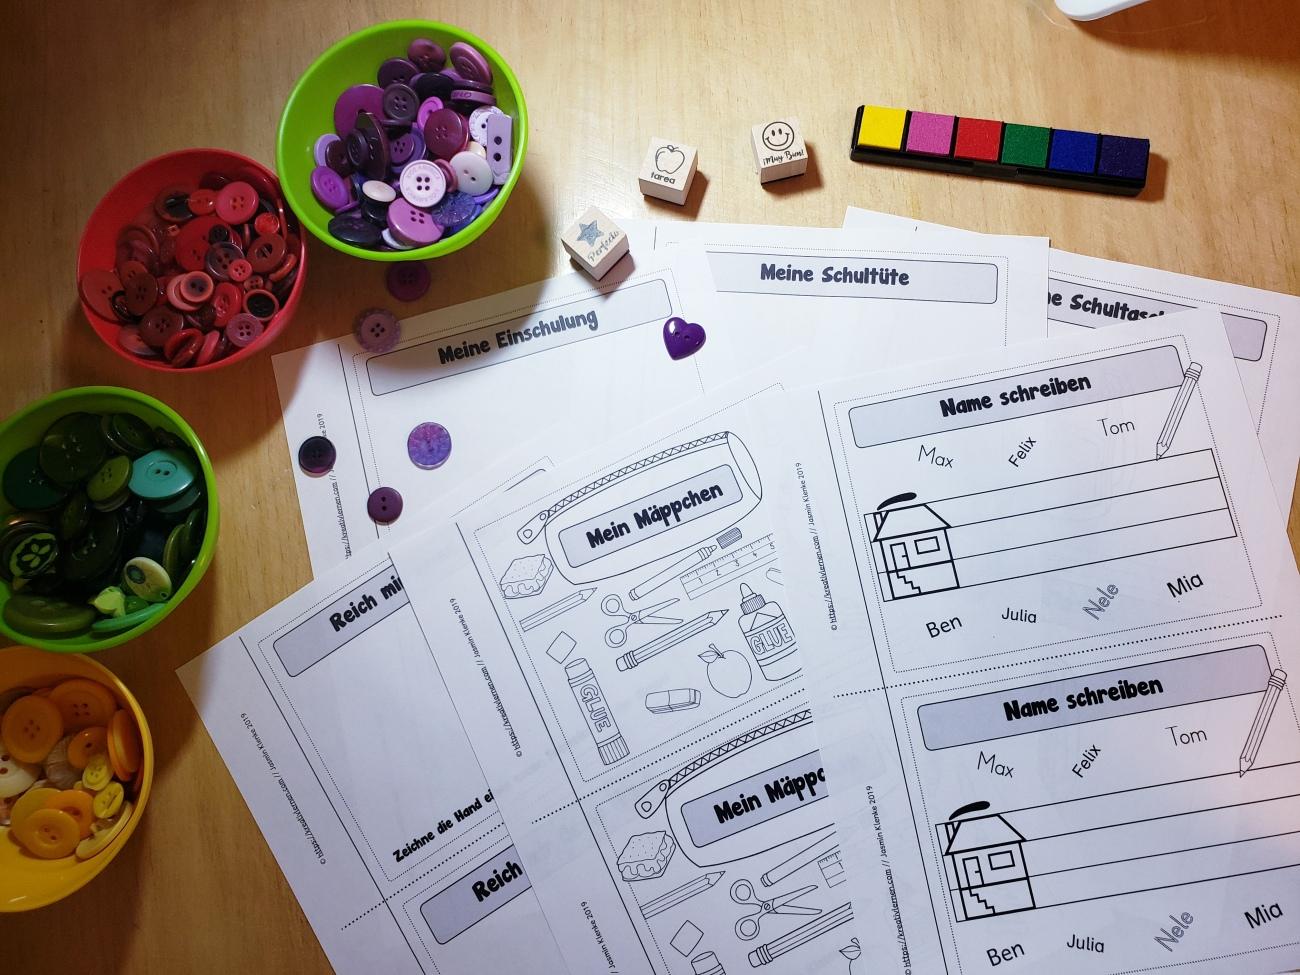 Diese Aufgaben für die ersten Schultage können alle Schüler bewältigen und mit Freude in die erste Klasse einsteigen.